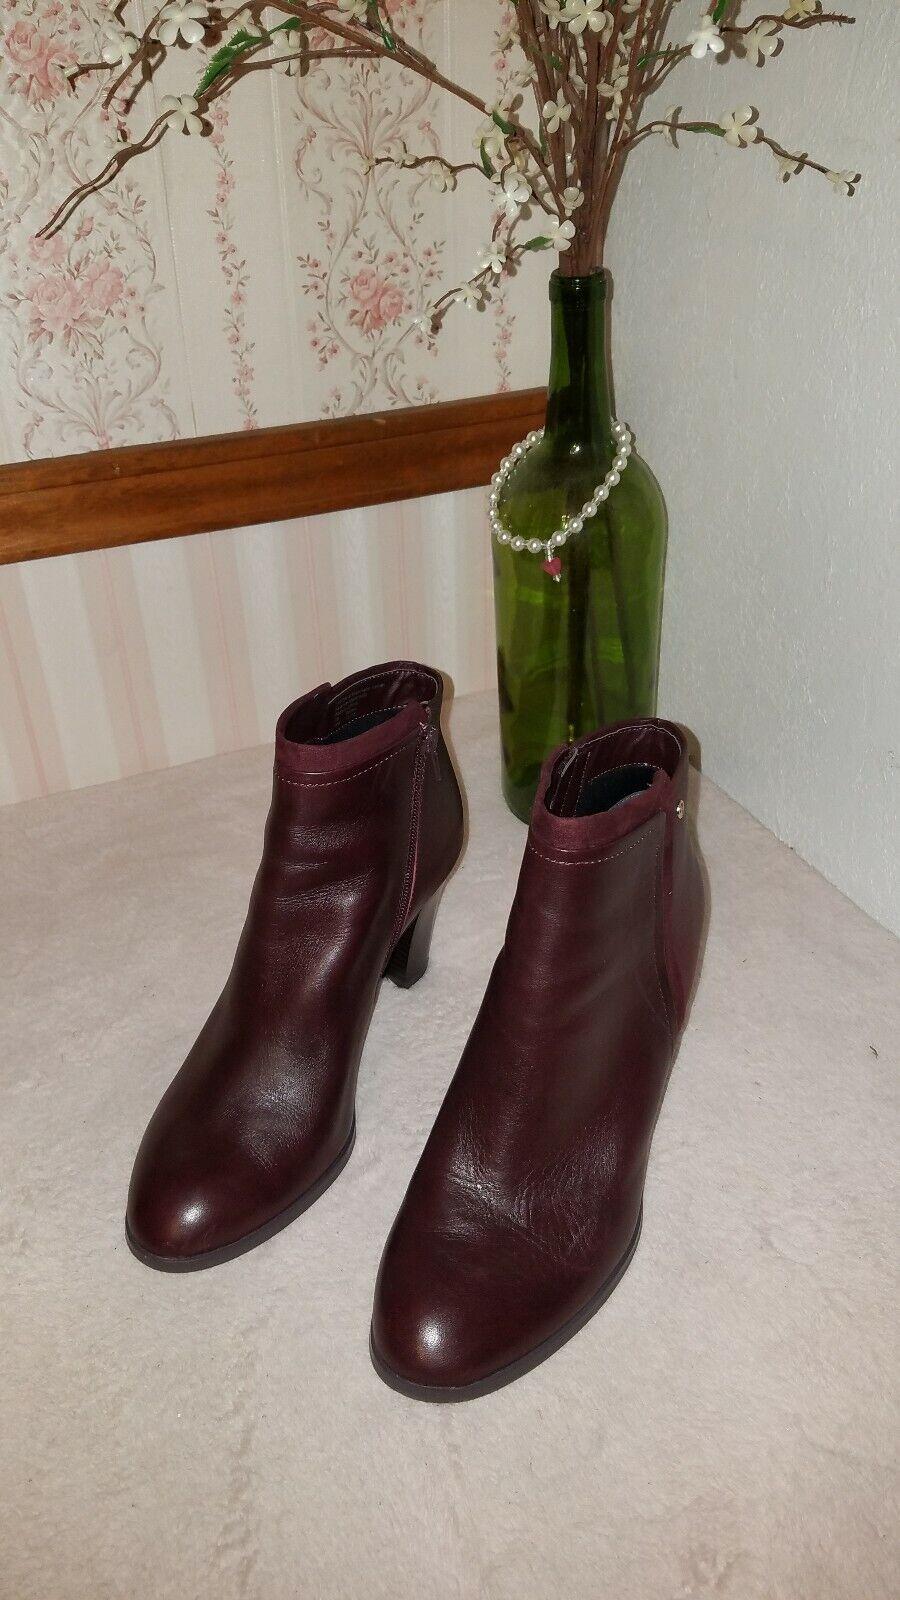 Giani Bernini  Bellee Memory Foam Ankle Booties oxblood size 10 M  129